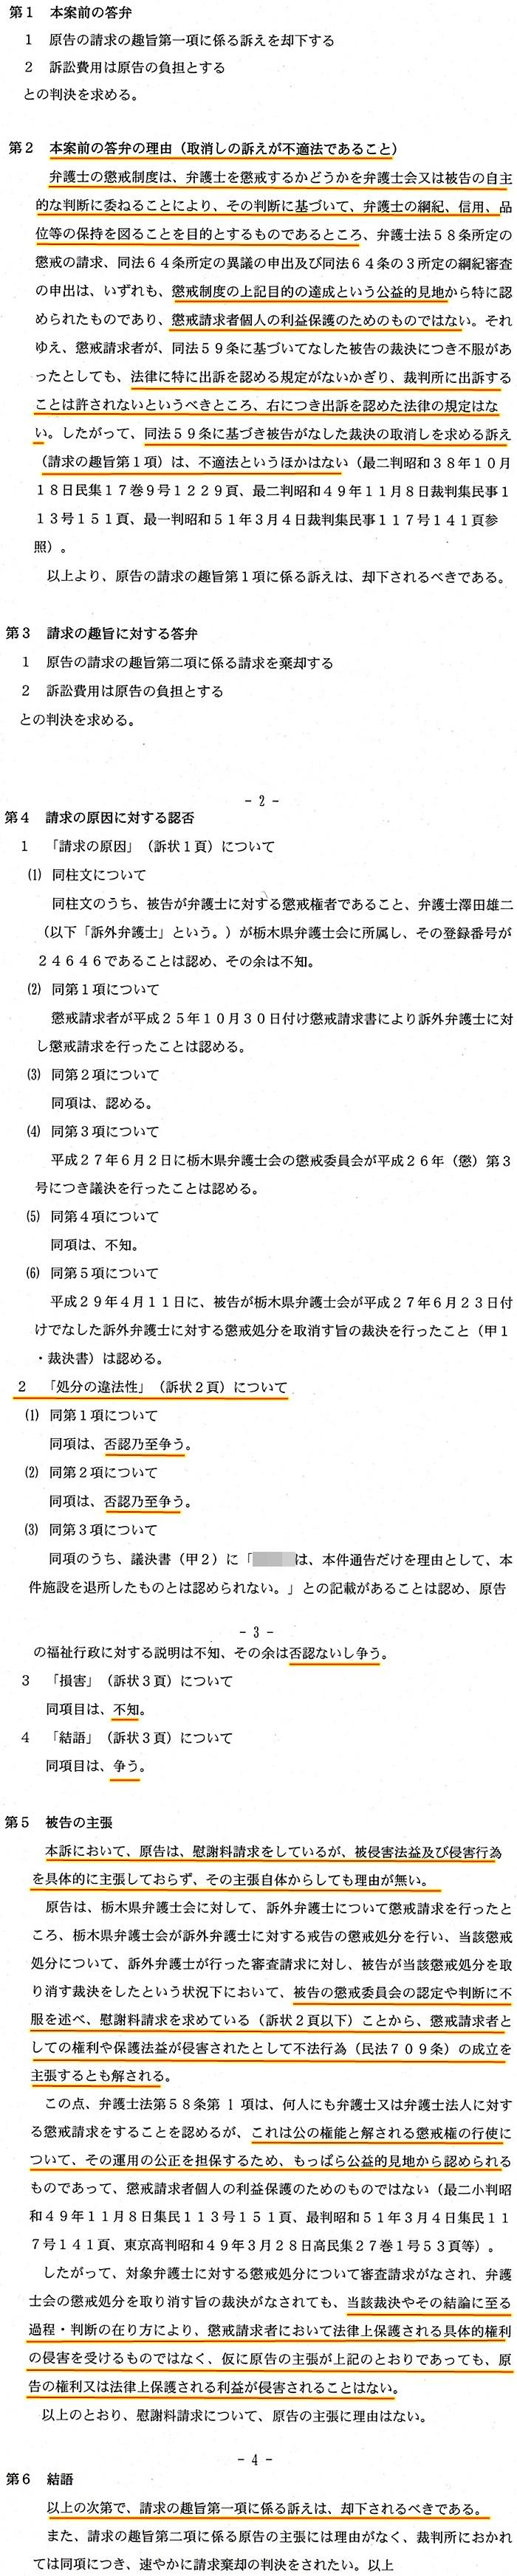 被告日本弁護士連合会(被告日弁連)中村美智子弁護士 鈴木敦悠弁護士・懲戒取り消し事件 - 栃木県介護被害者会1